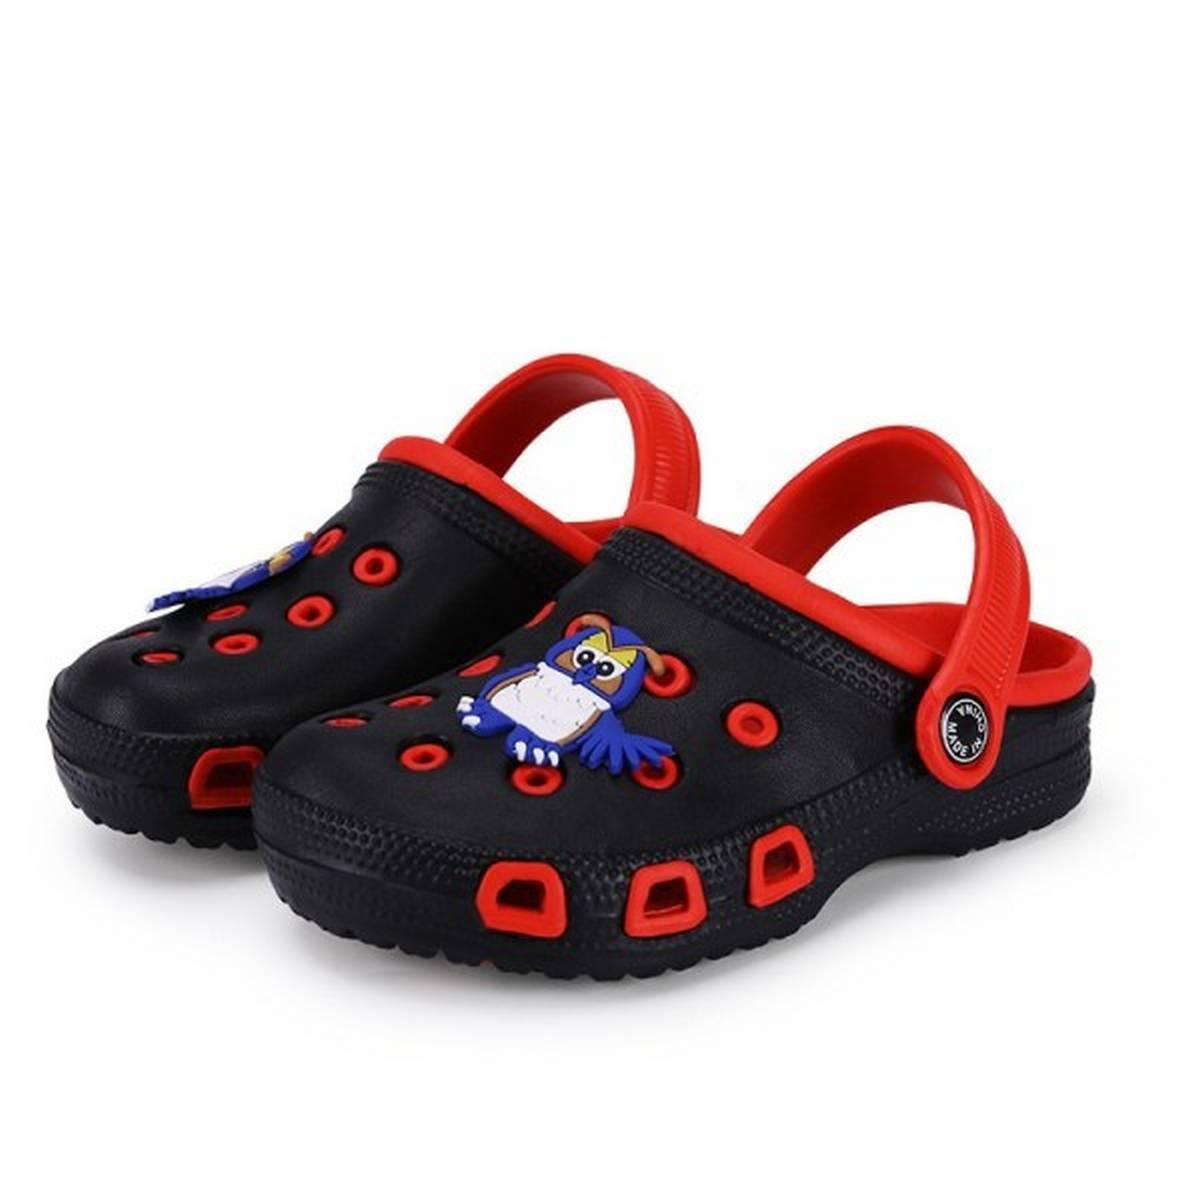 Soft Baby Kids Sandals